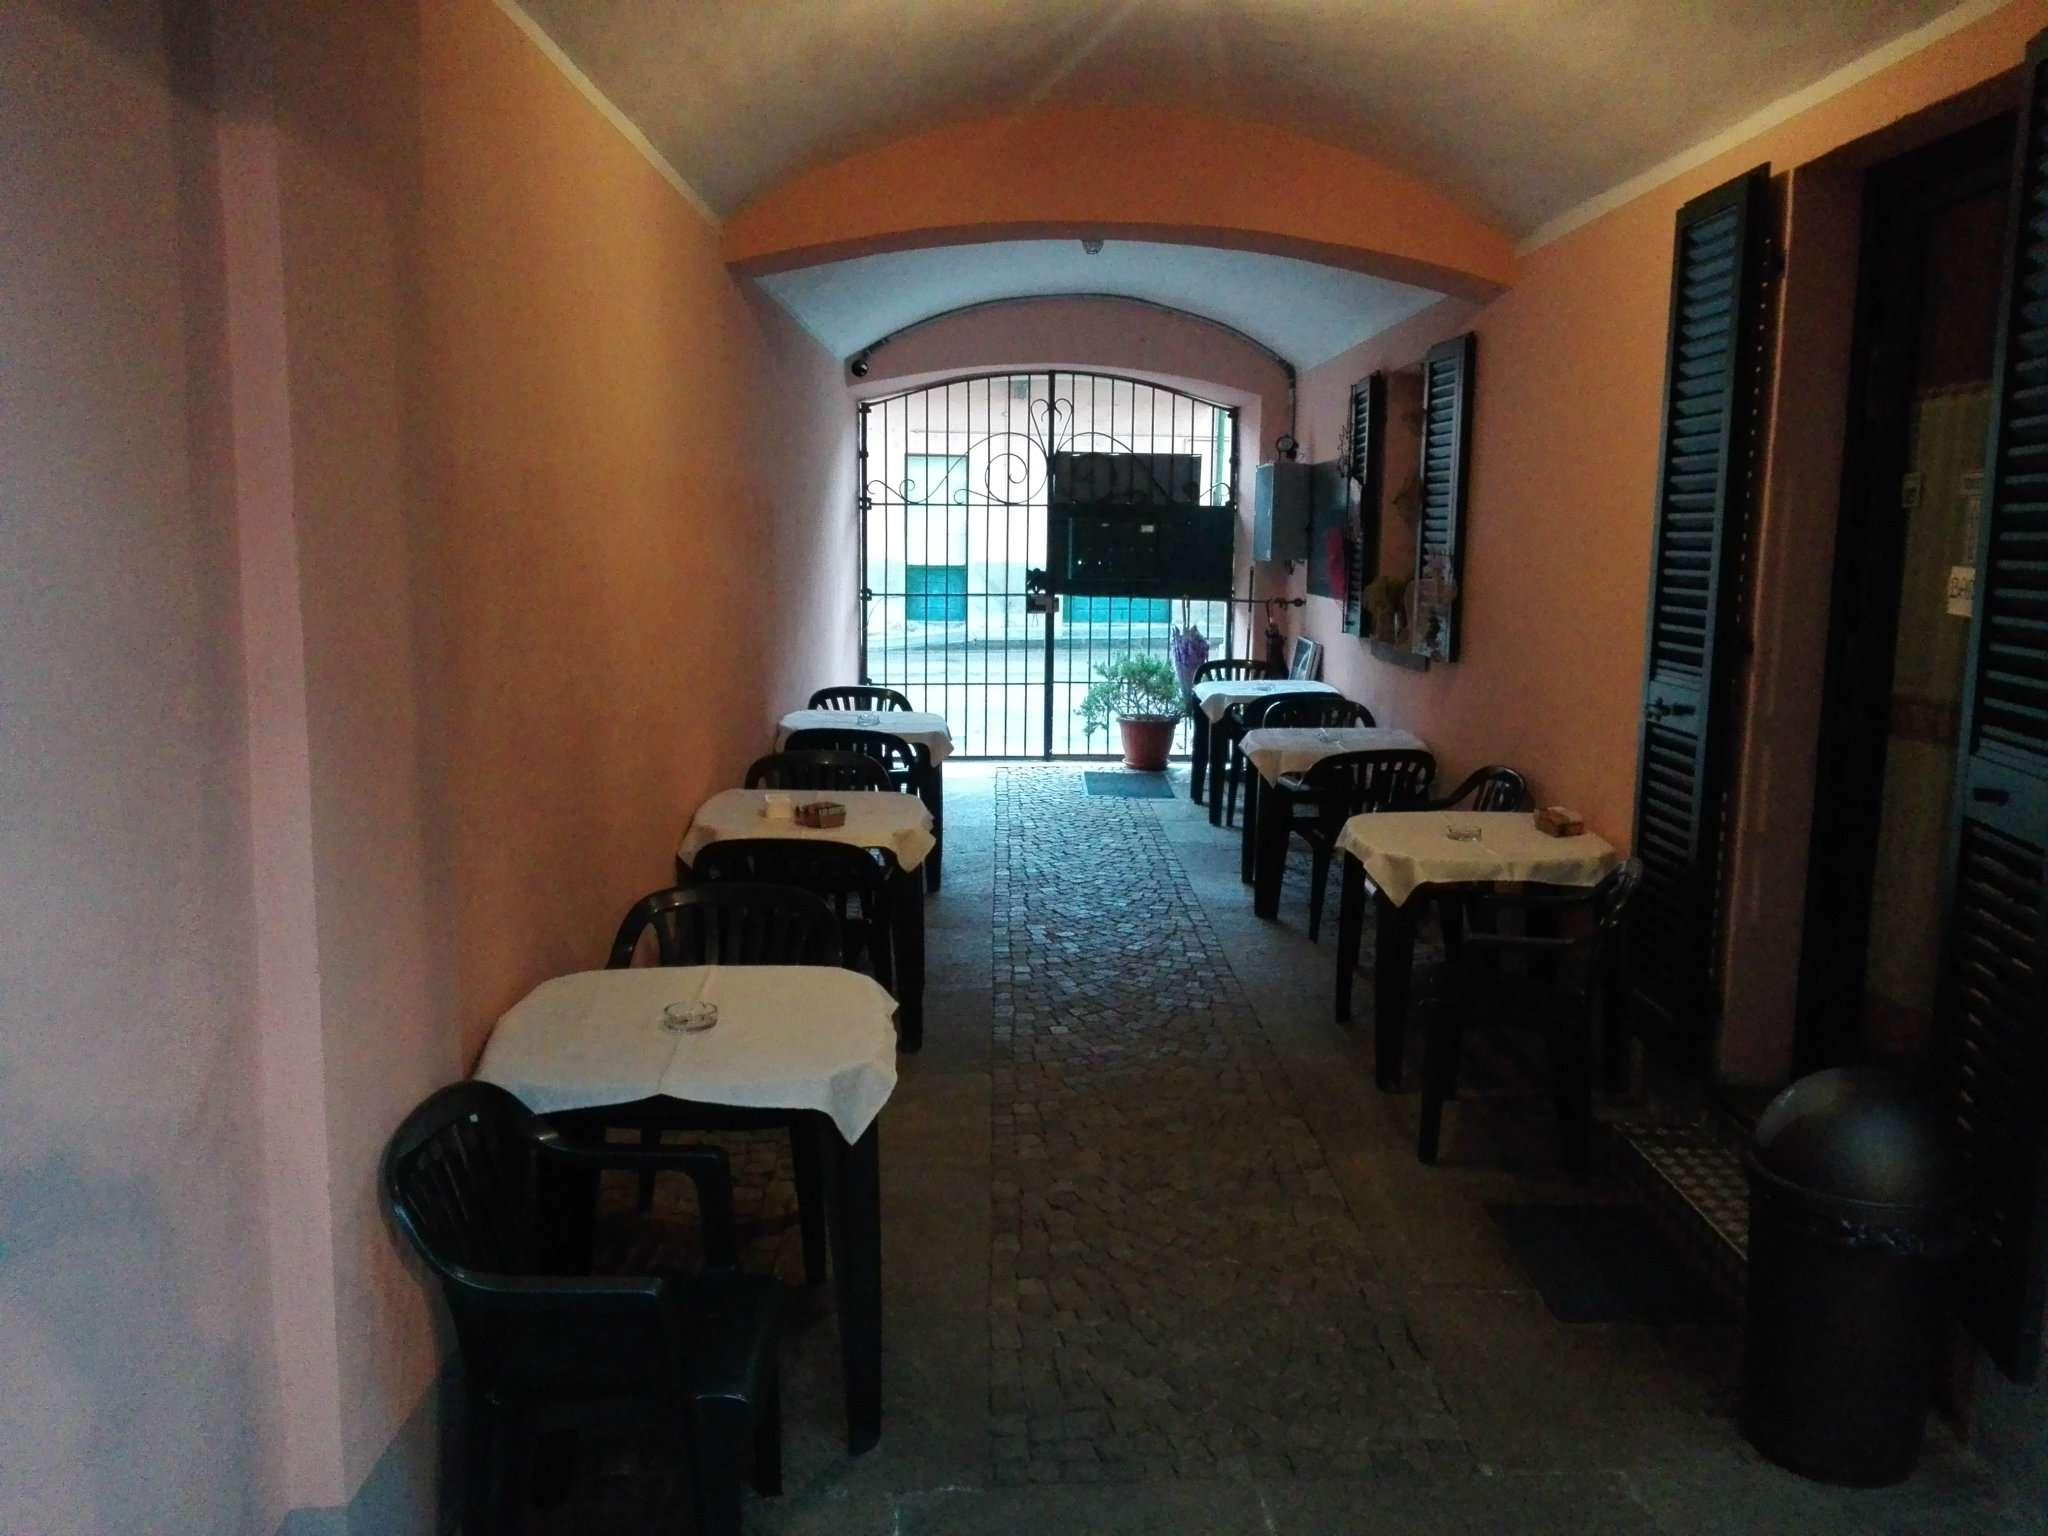 Ristorante / Pizzeria / Trattoria in vendita a Torre Pellice, 4 locali, prezzo € 90.000   Cambio Casa.it